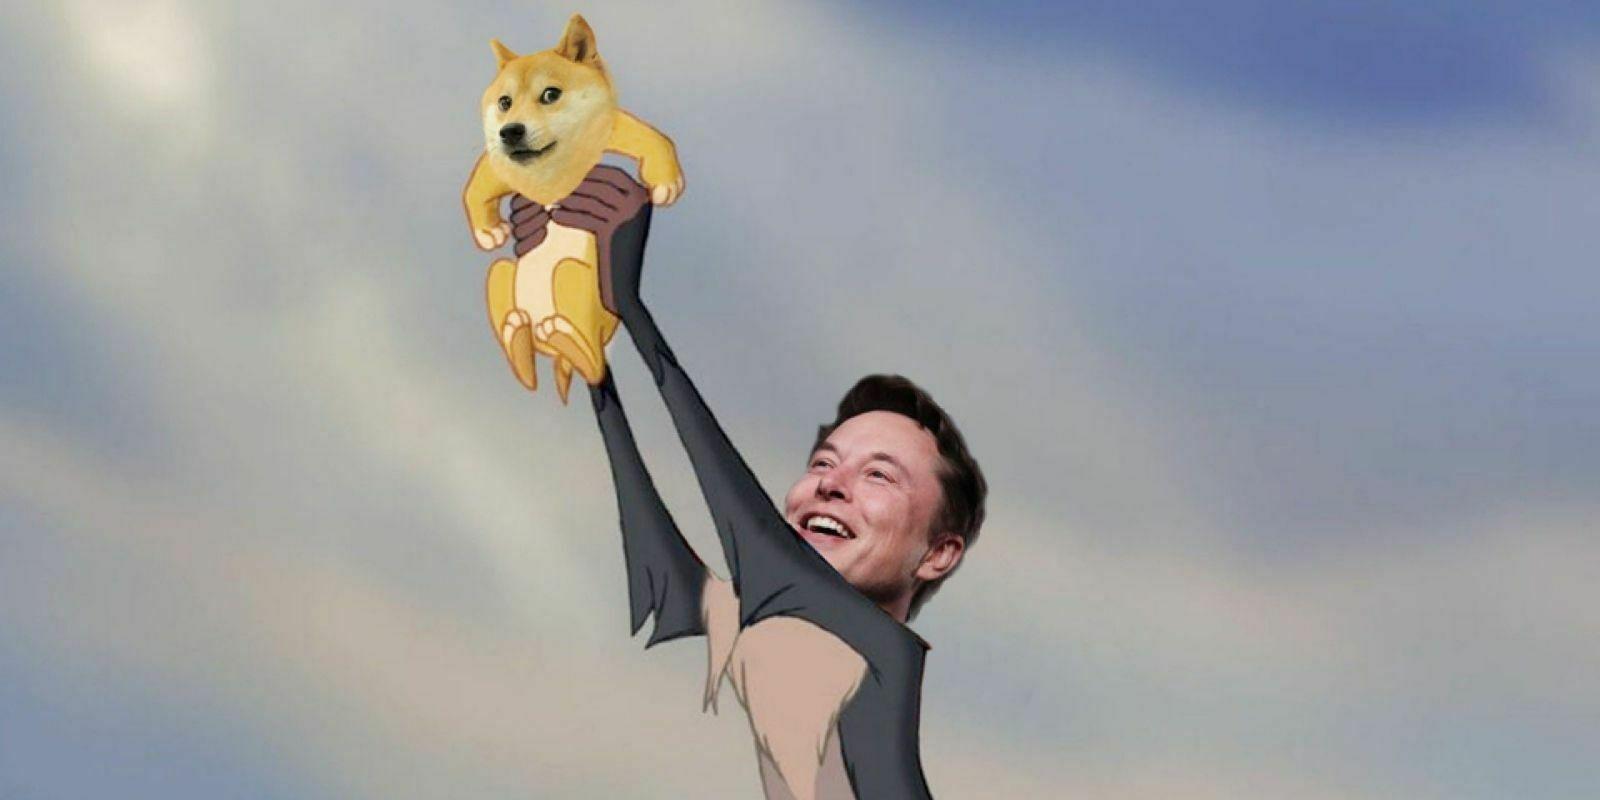 Le Dogecoin (DOGE) s'envole après une série de tweets d'Elon Musk